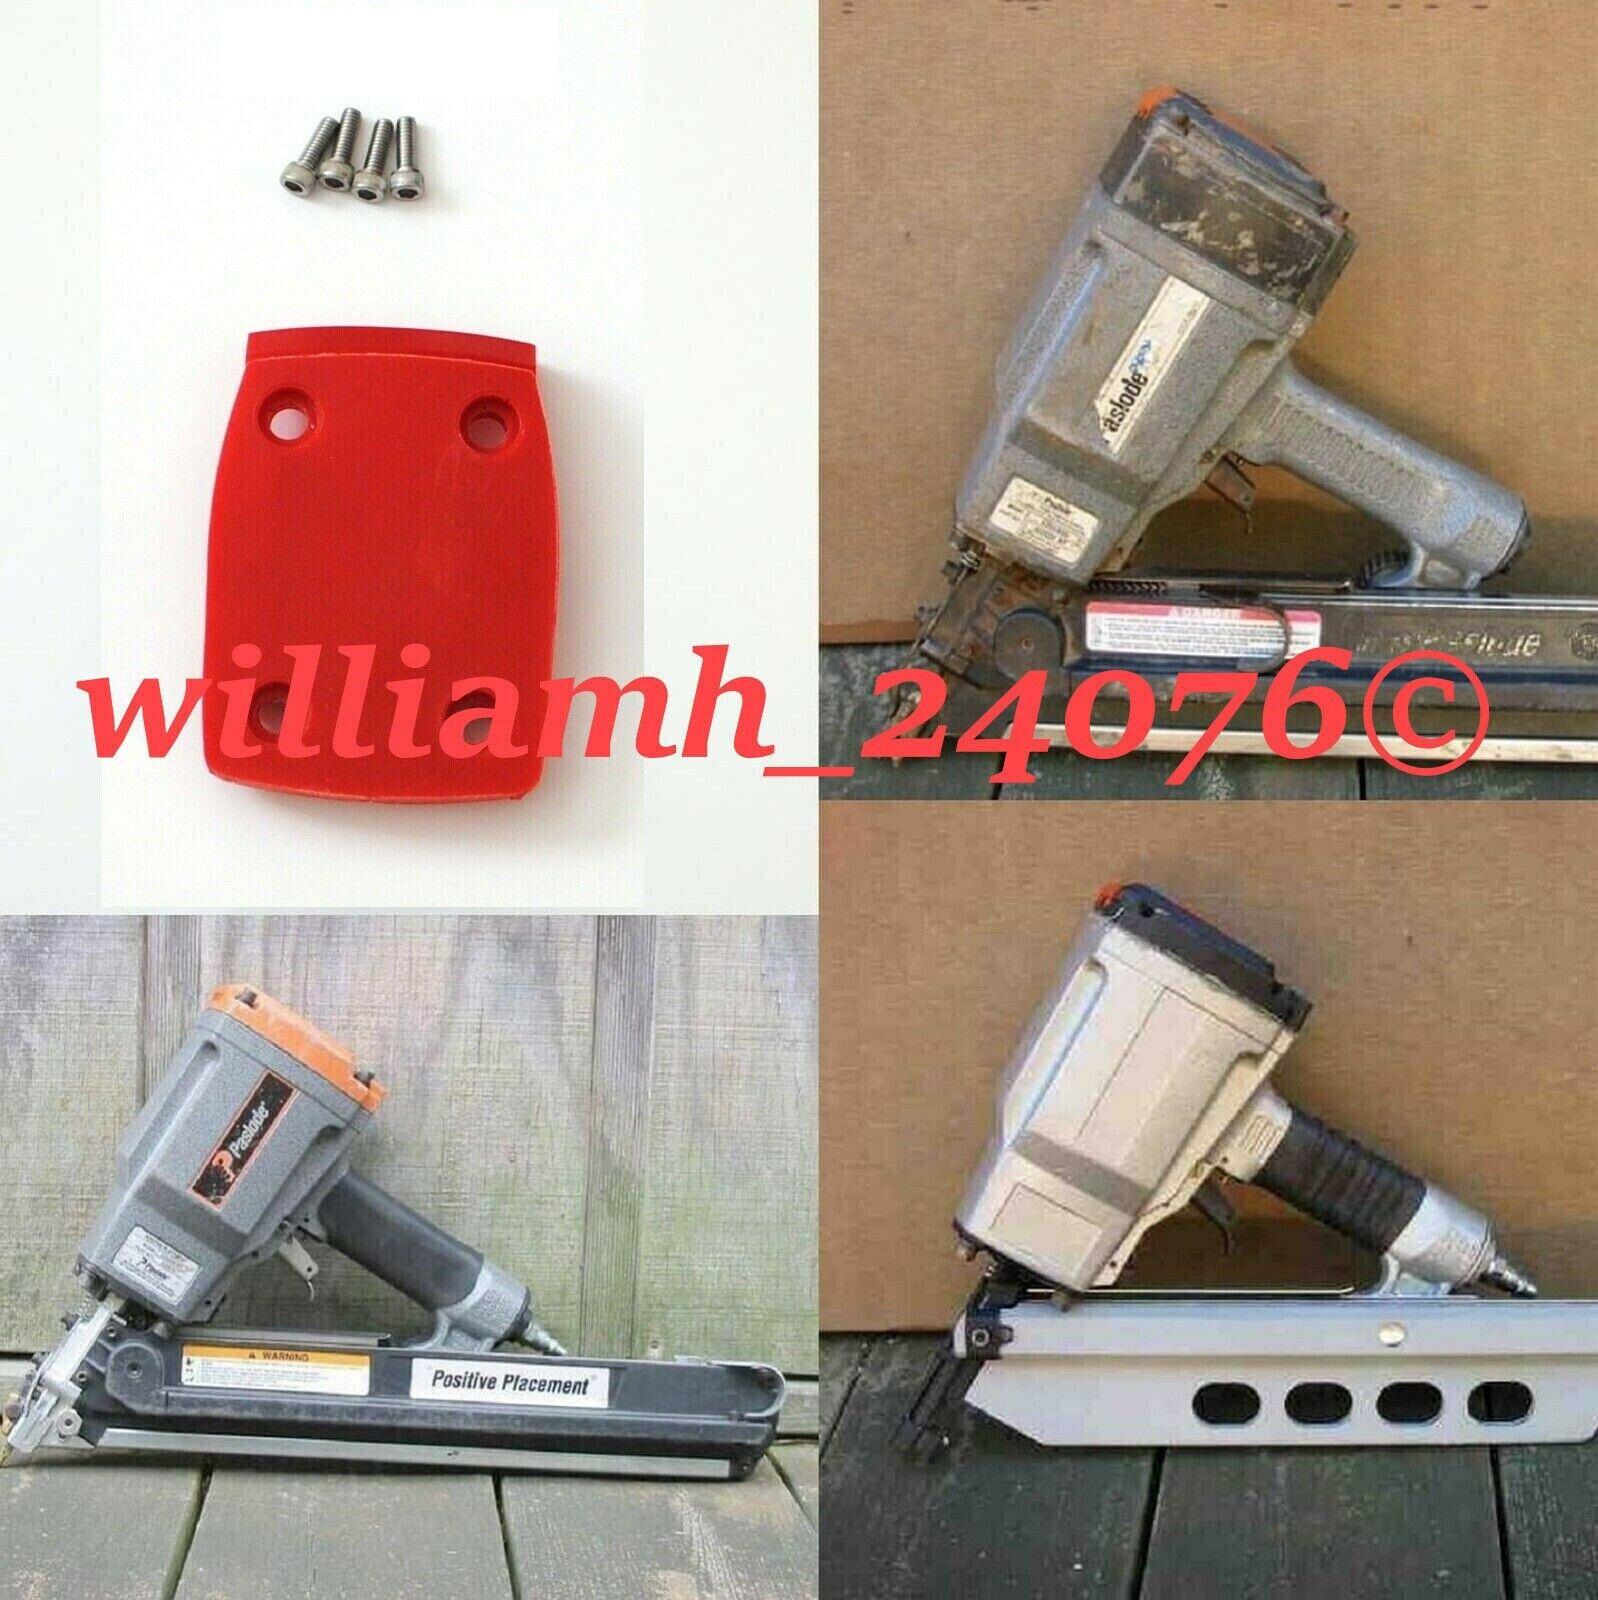 402057 williamh_24076 Paslode Framing Nailer 5350  Air Deflector parts kit 402057 5325 5300